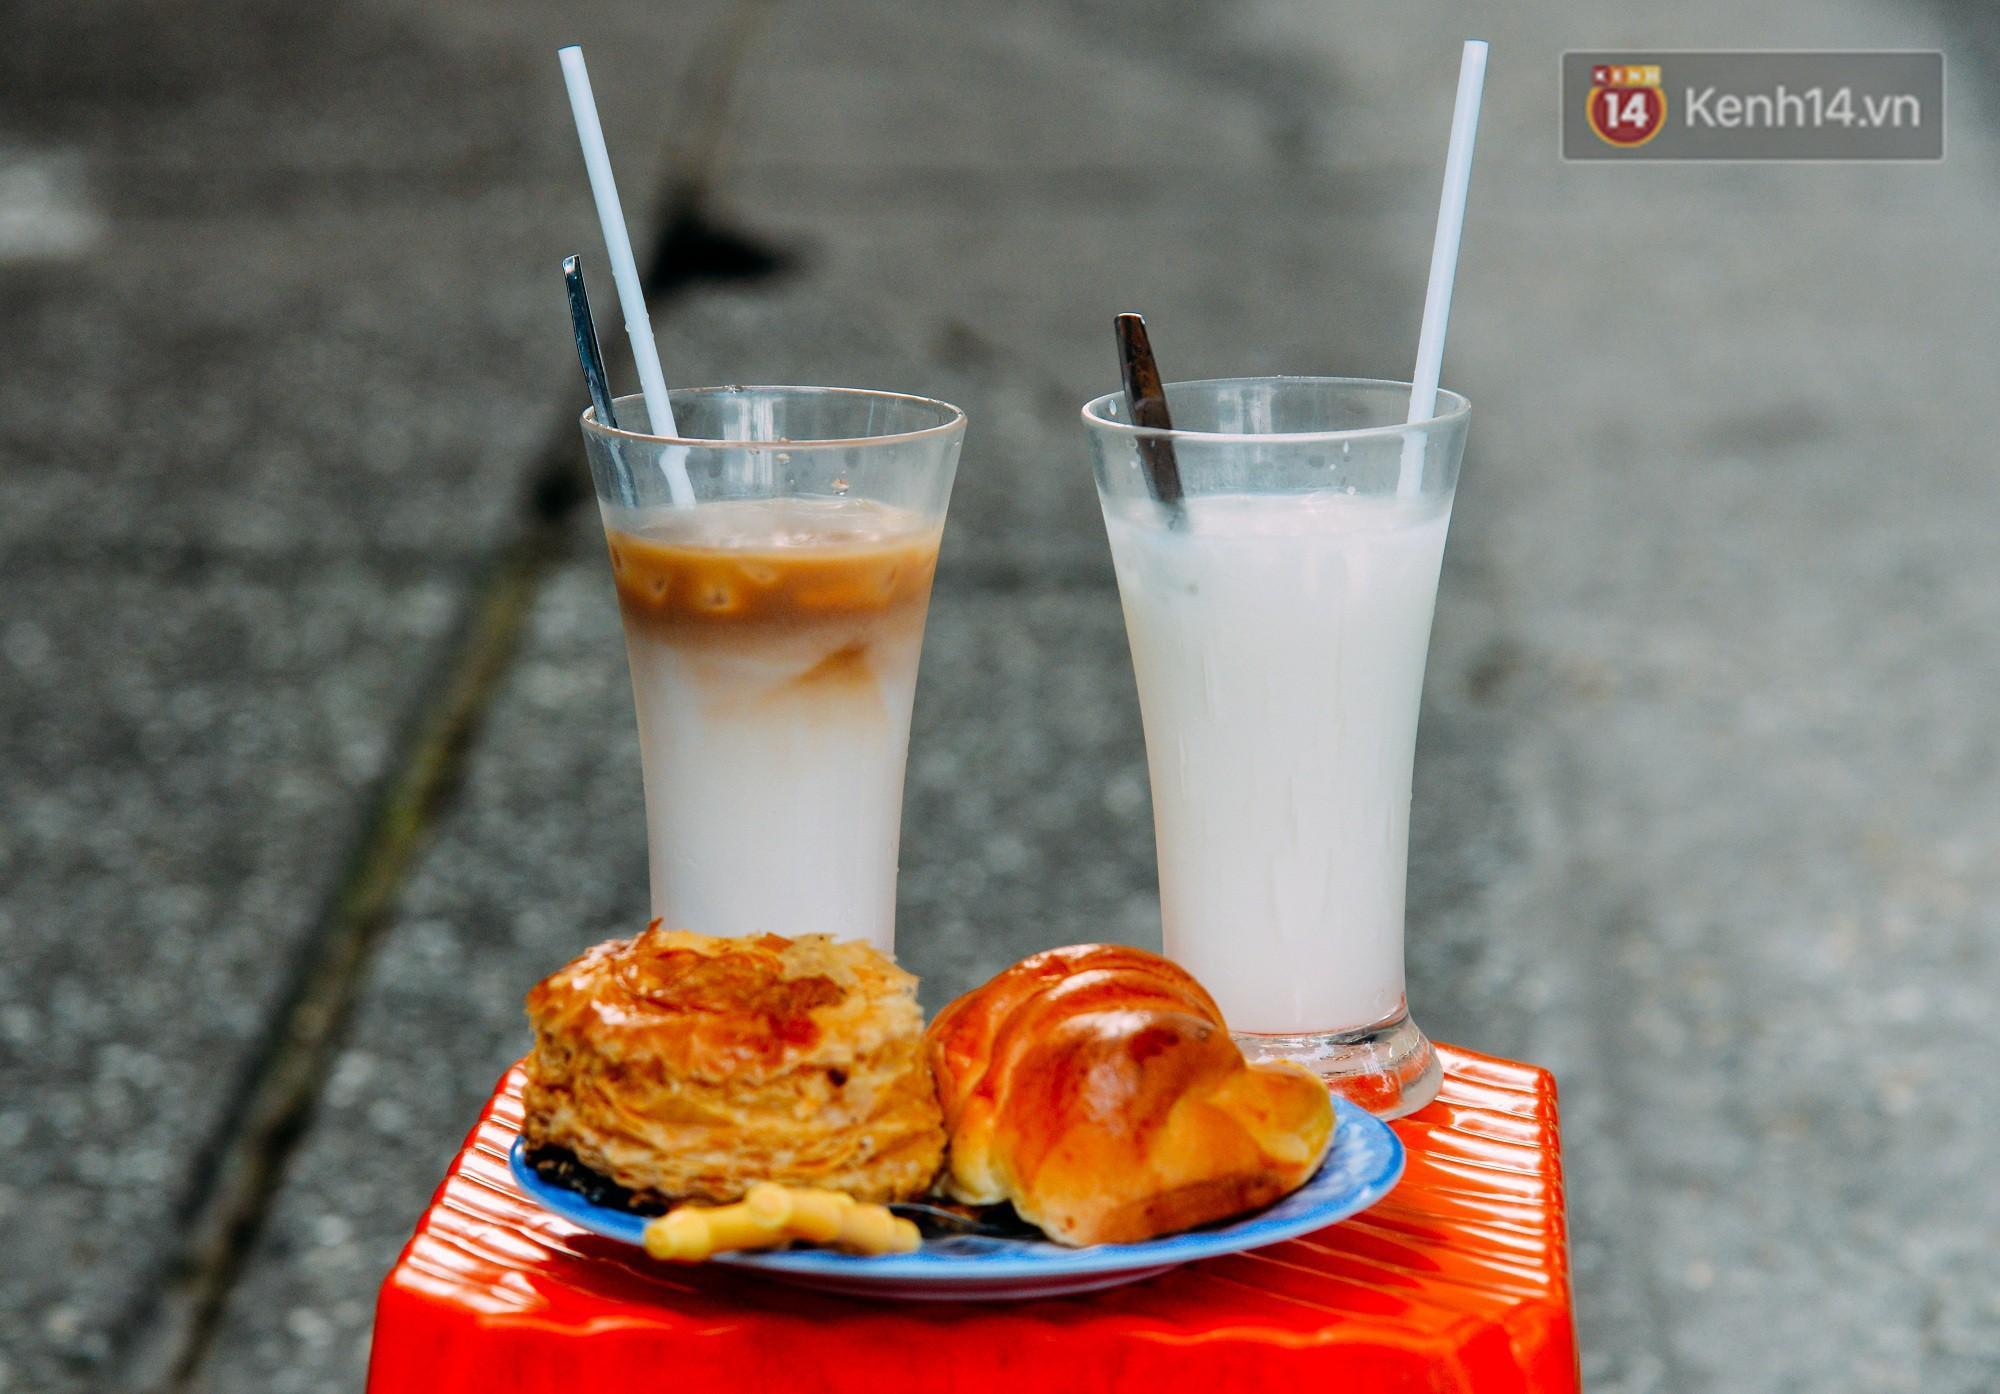 Sữa tươi Mười vào sáng tinh mơ và câu chuyện 20 năm gây thương nhớ của những cô chủ quán dễ thương nhất Sài Gòn - Ảnh 1.